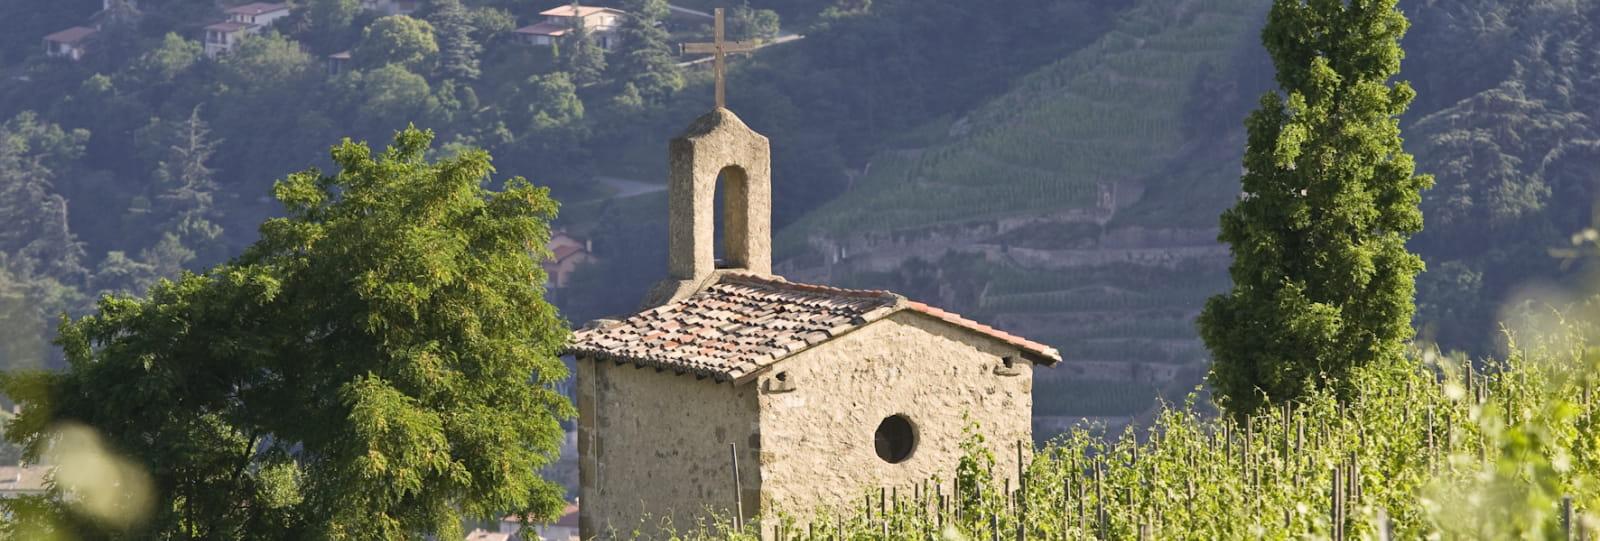 Chapelle de l'Hermitage Paul Jaboulet Ainé